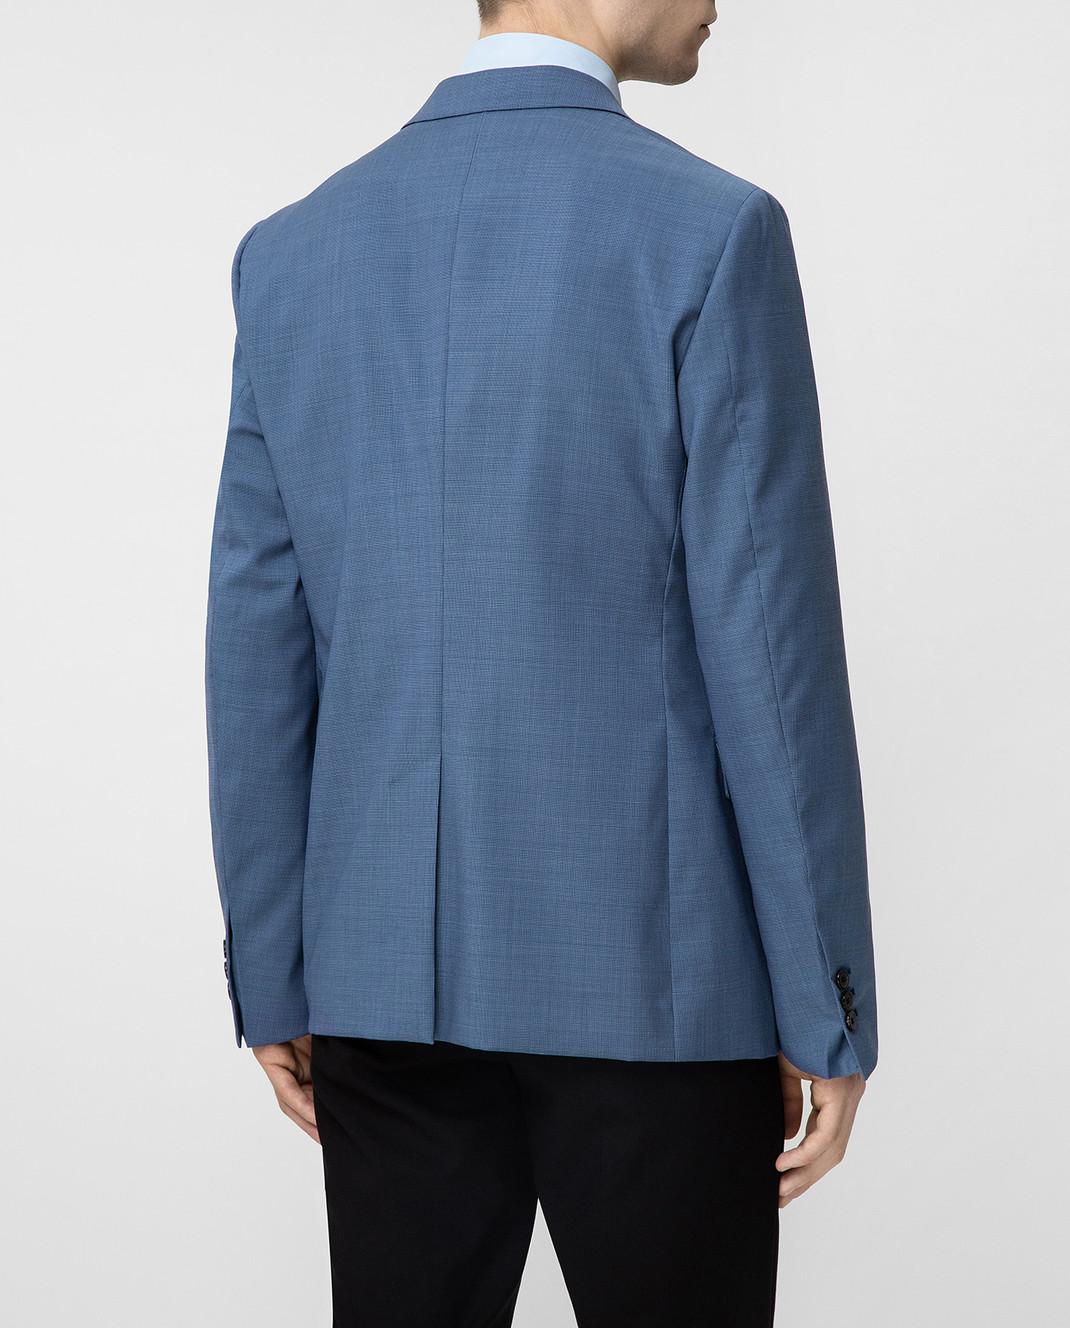 Prada Синий пиджак UGF9421S5T изображение 4